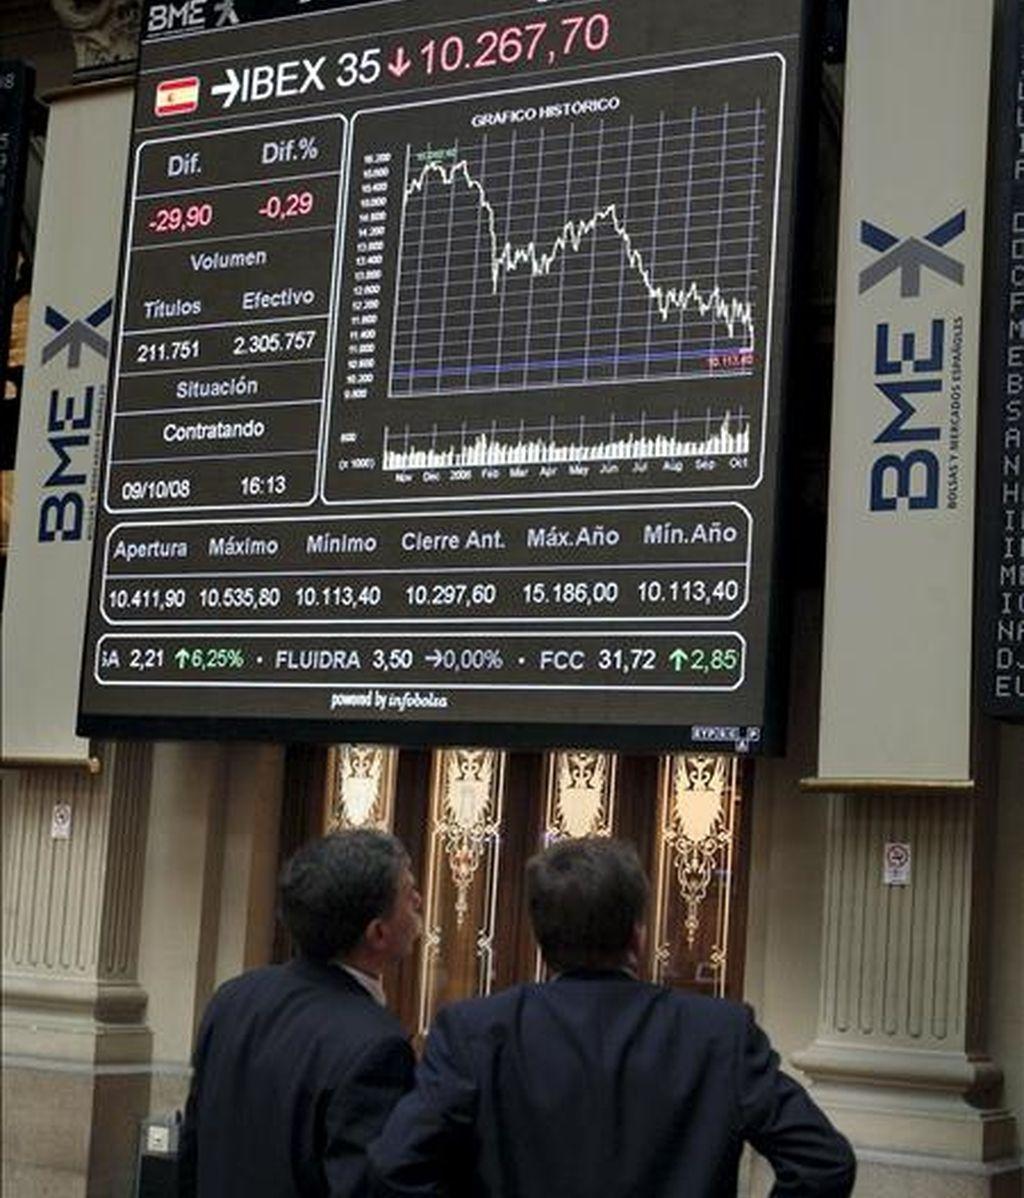 El Ibex bate al resto de mercados europeos en los primeros meses de 2009. En la imagen, la Bolsa de Madrid. EFE/Archivo